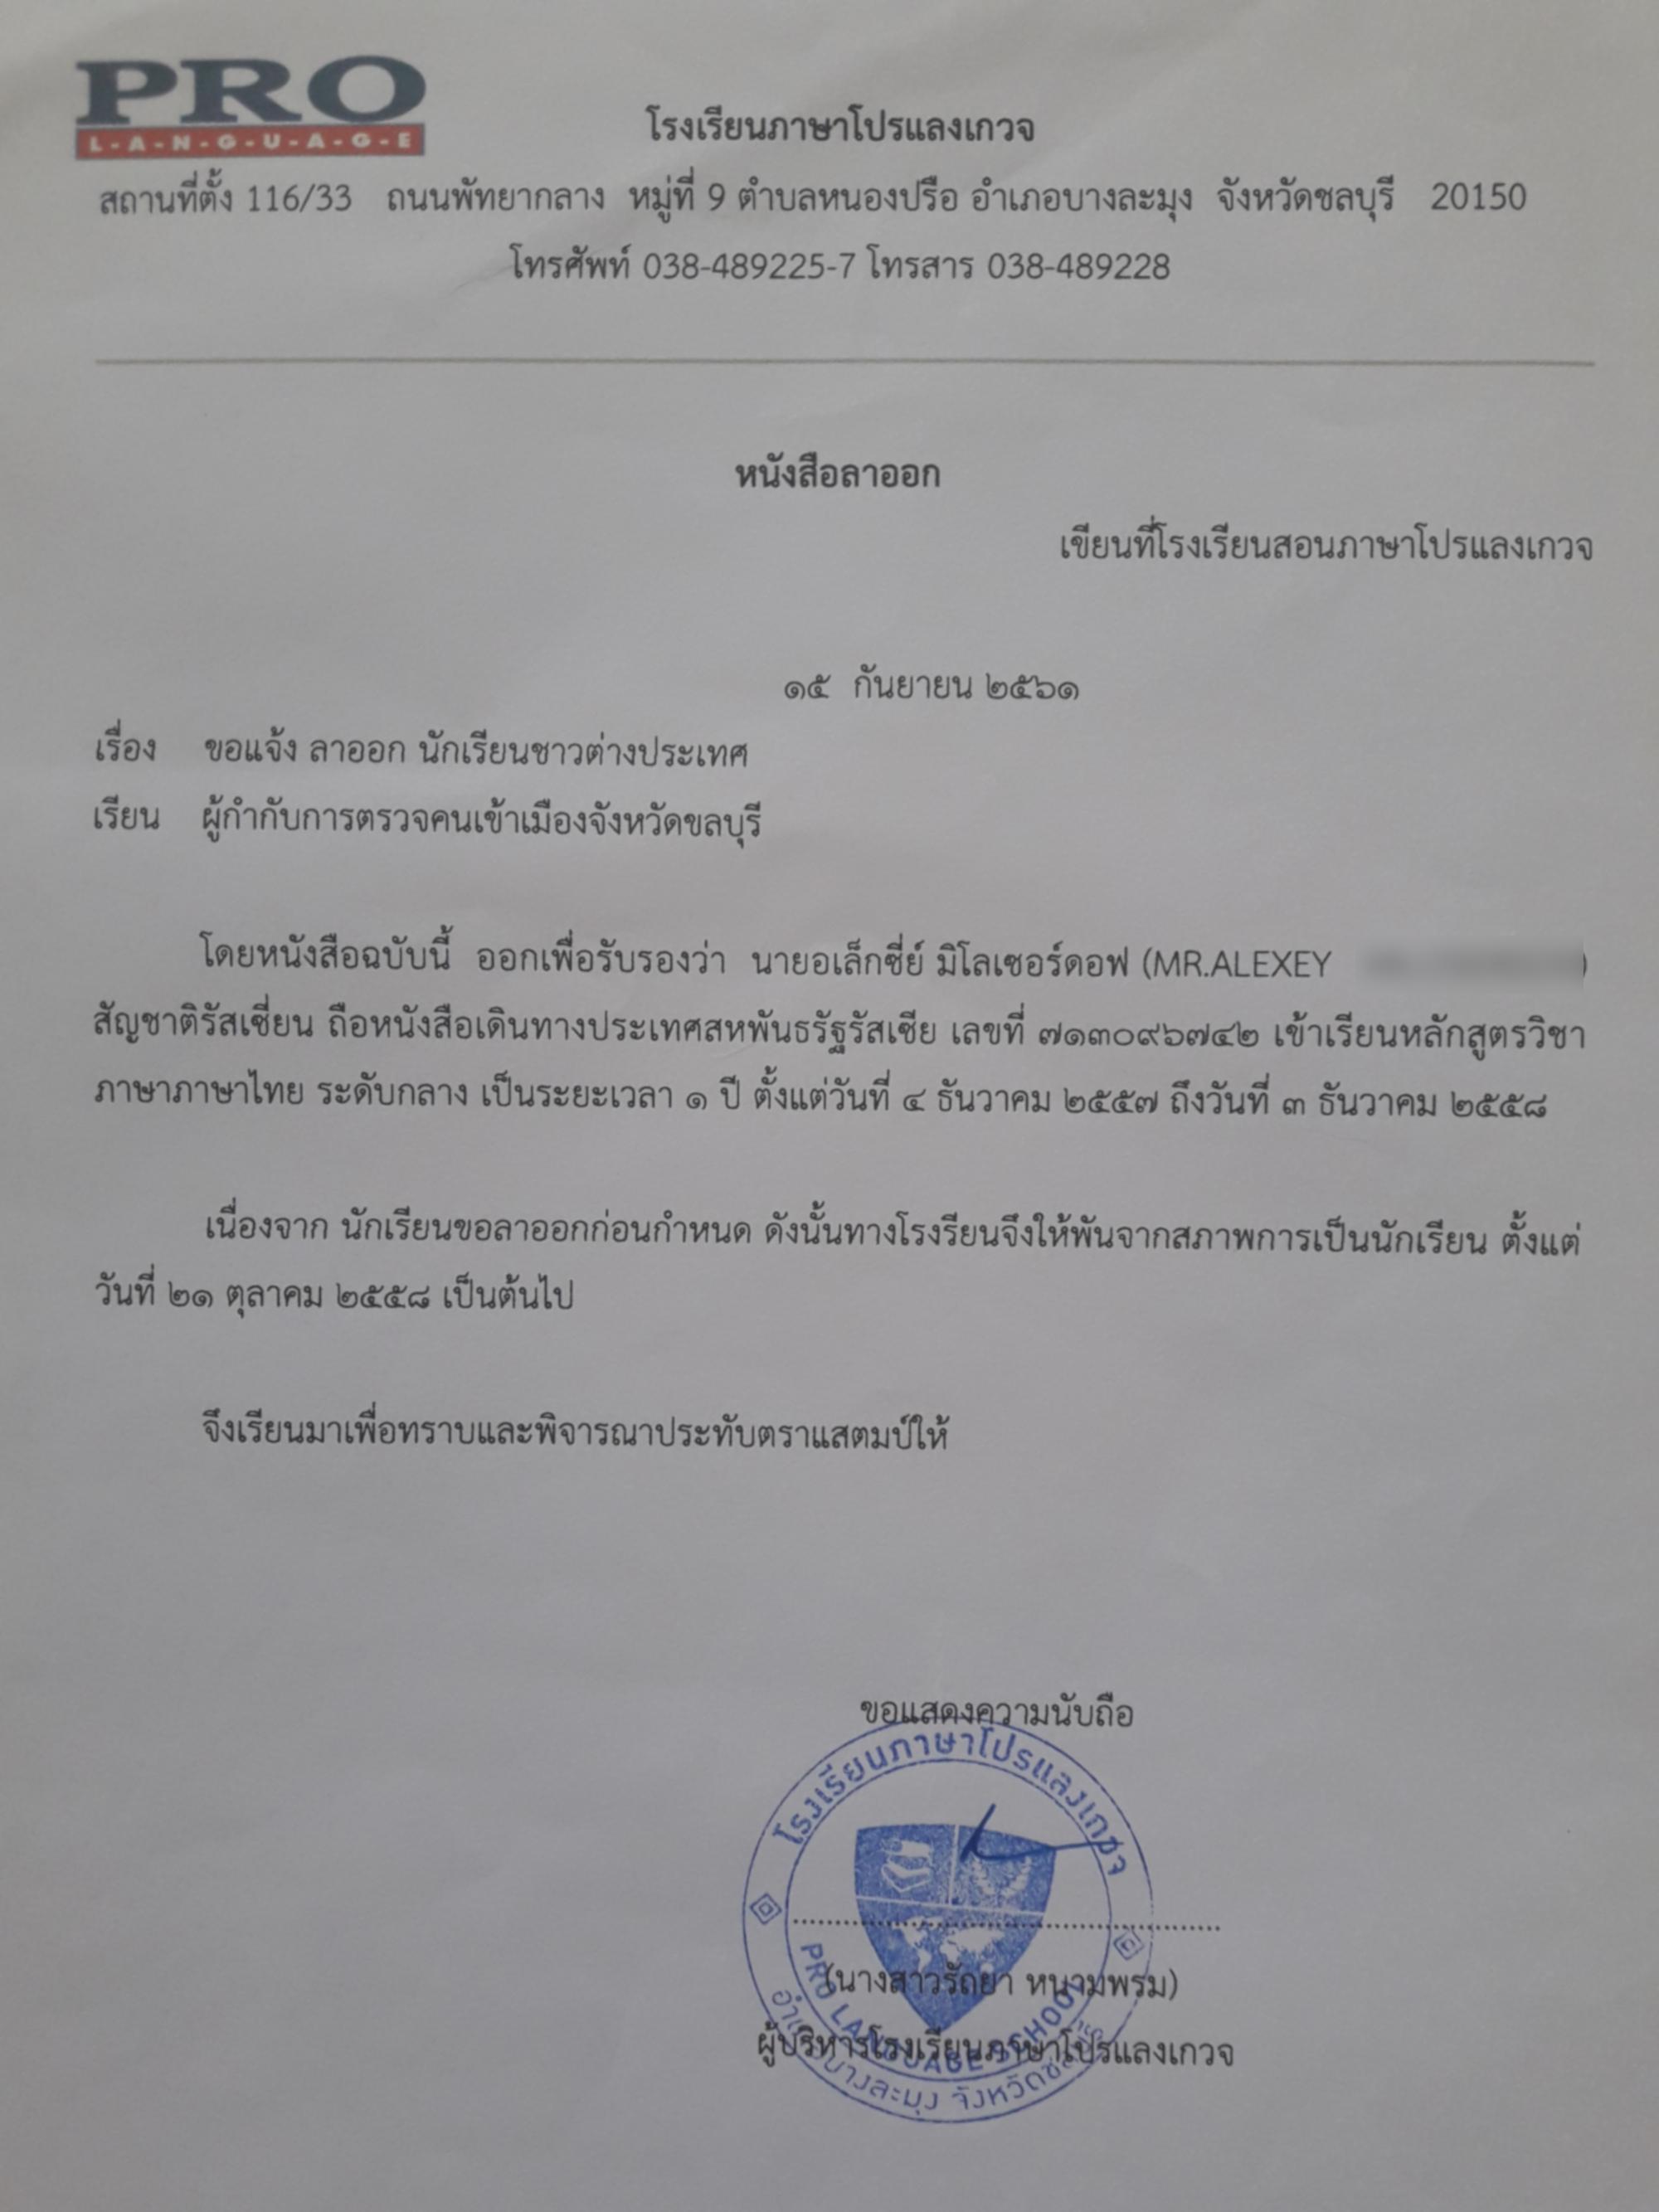 Таиланд отменил бесплатные визы для россиян